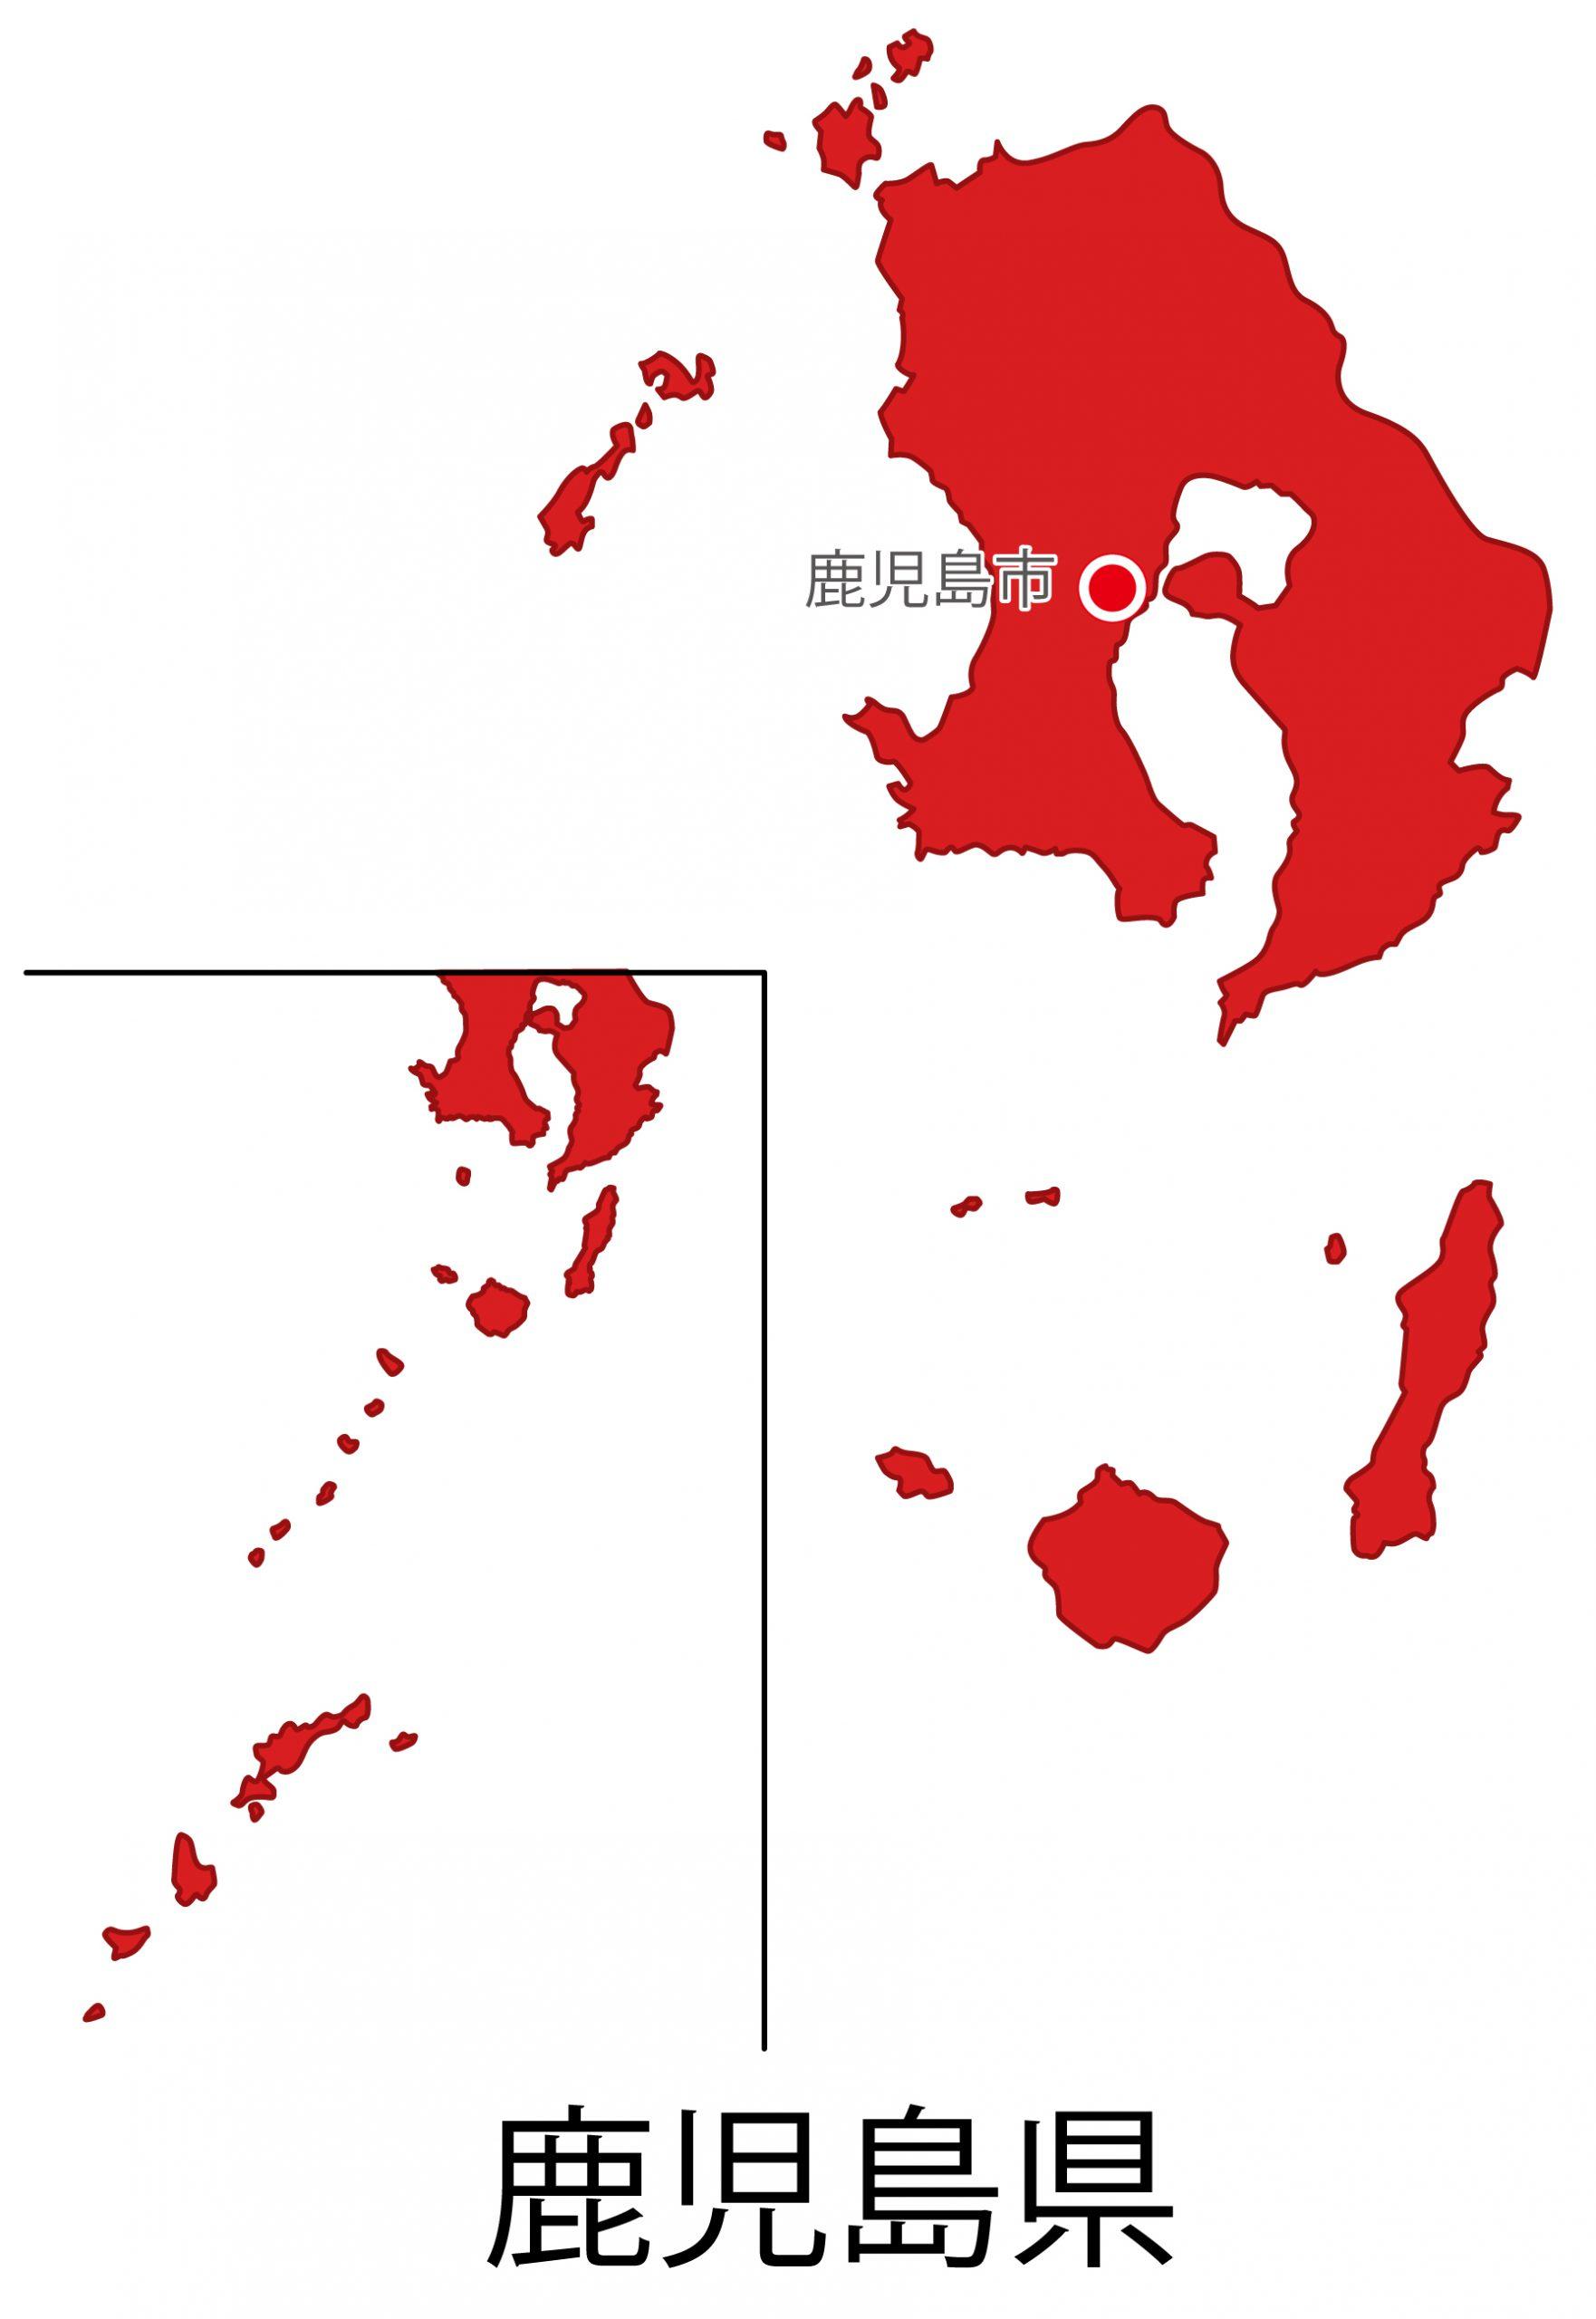 鹿児島県無料フリーイラスト|日本語・都道府県名あり・県庁所在地あり(赤)